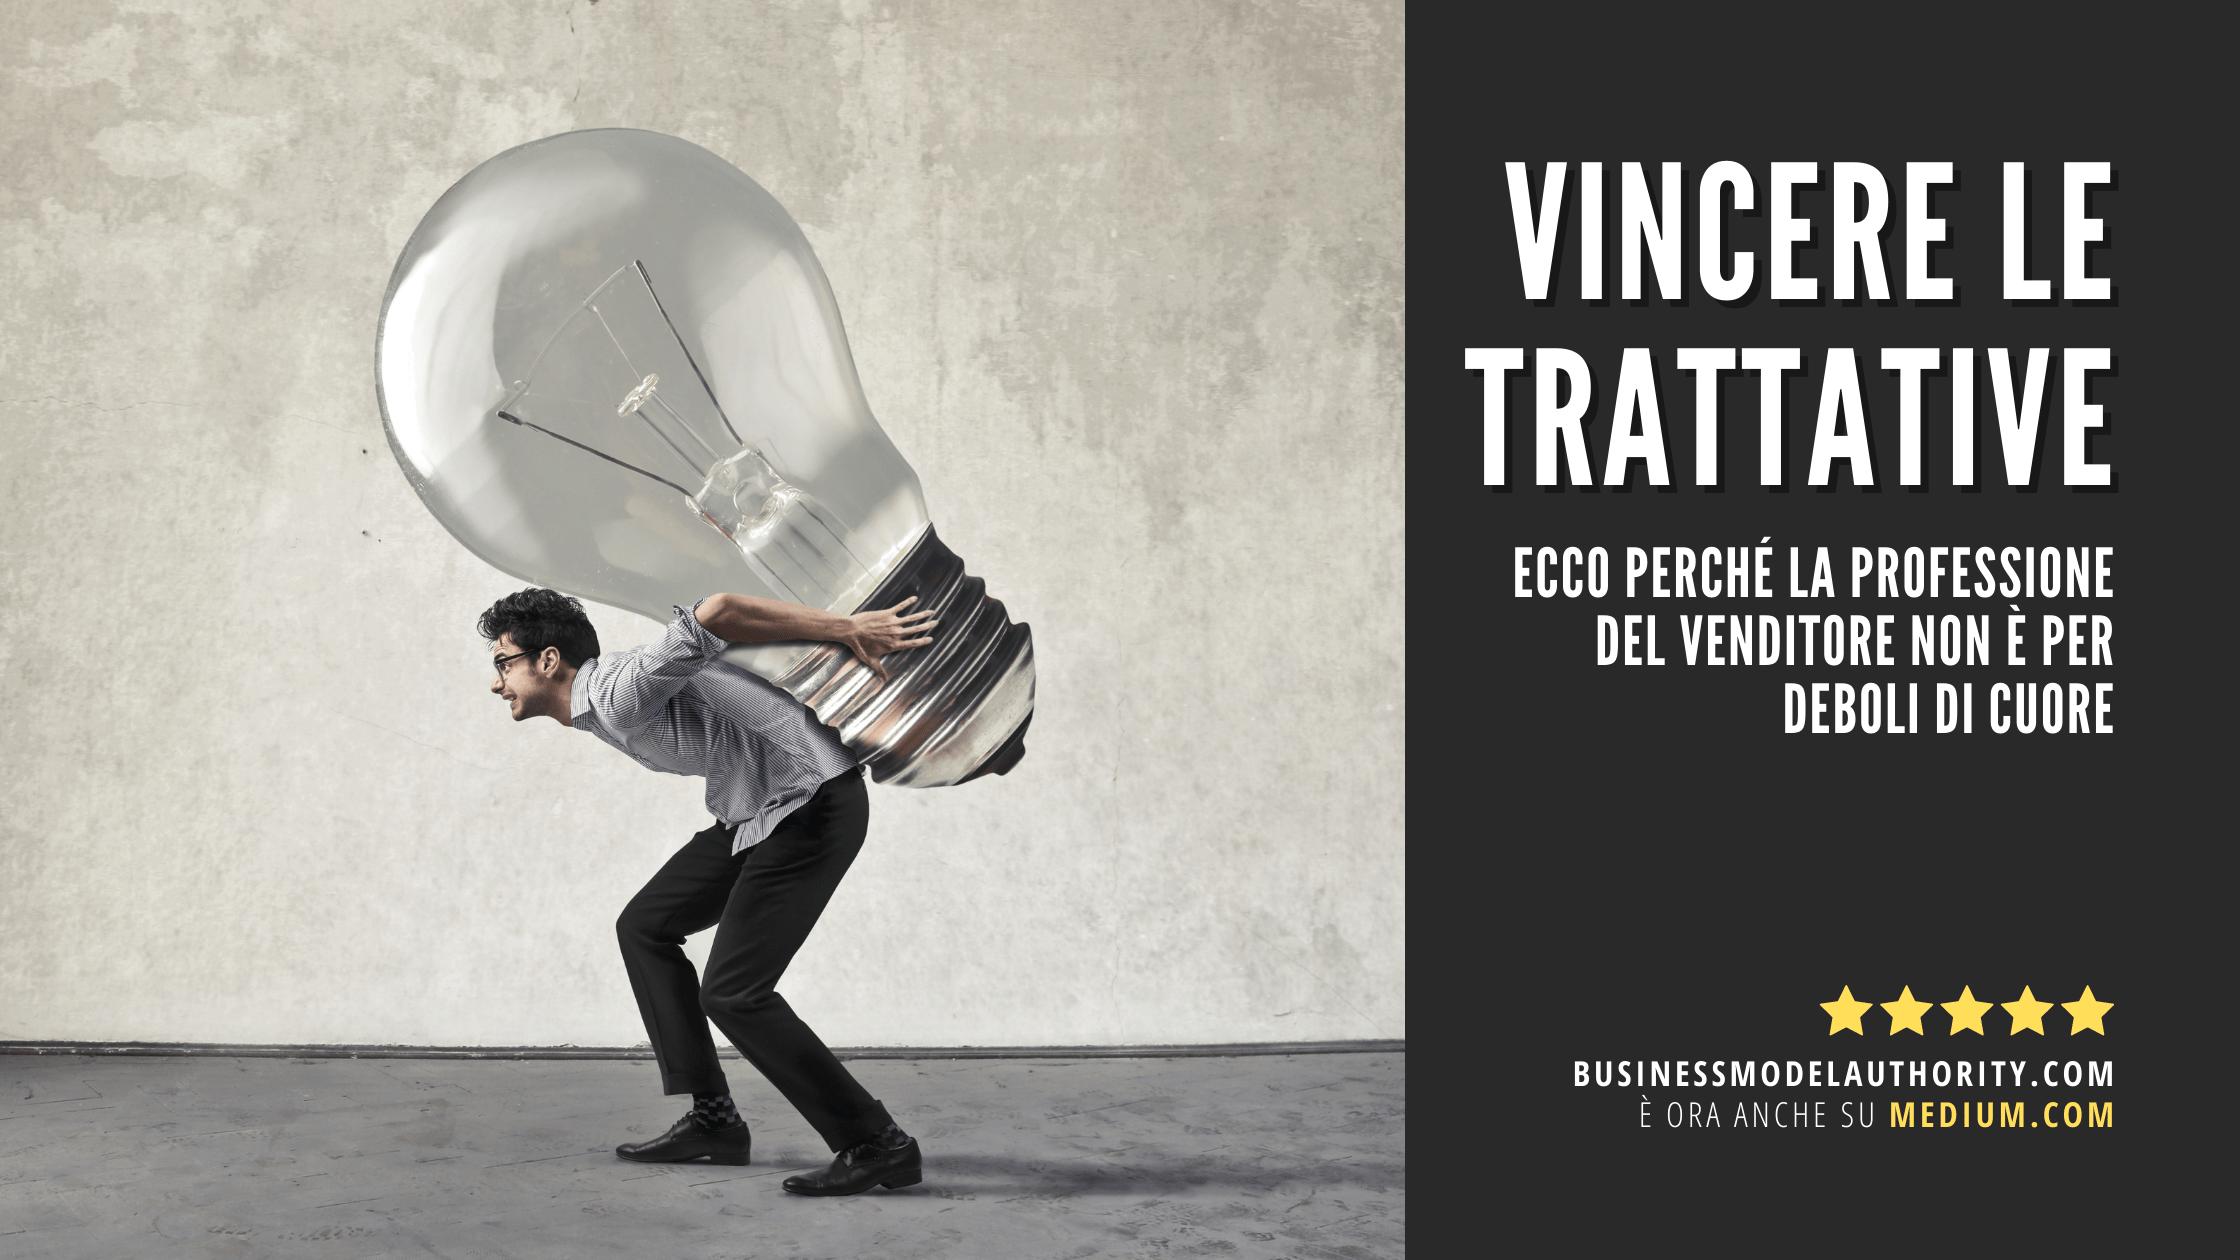 Vincere le trattative: ecco perché la professione del Venditore non è per deboli di cuore.